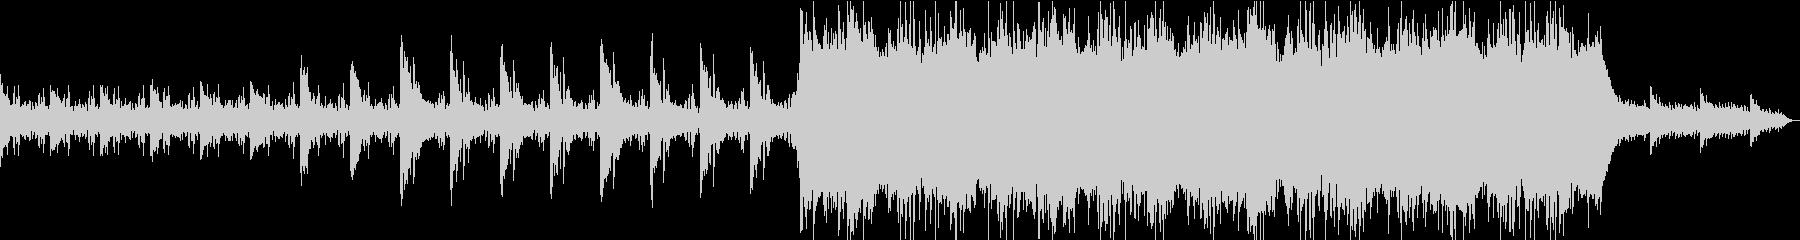 電子世界をイメージしたBGMの未再生の波形